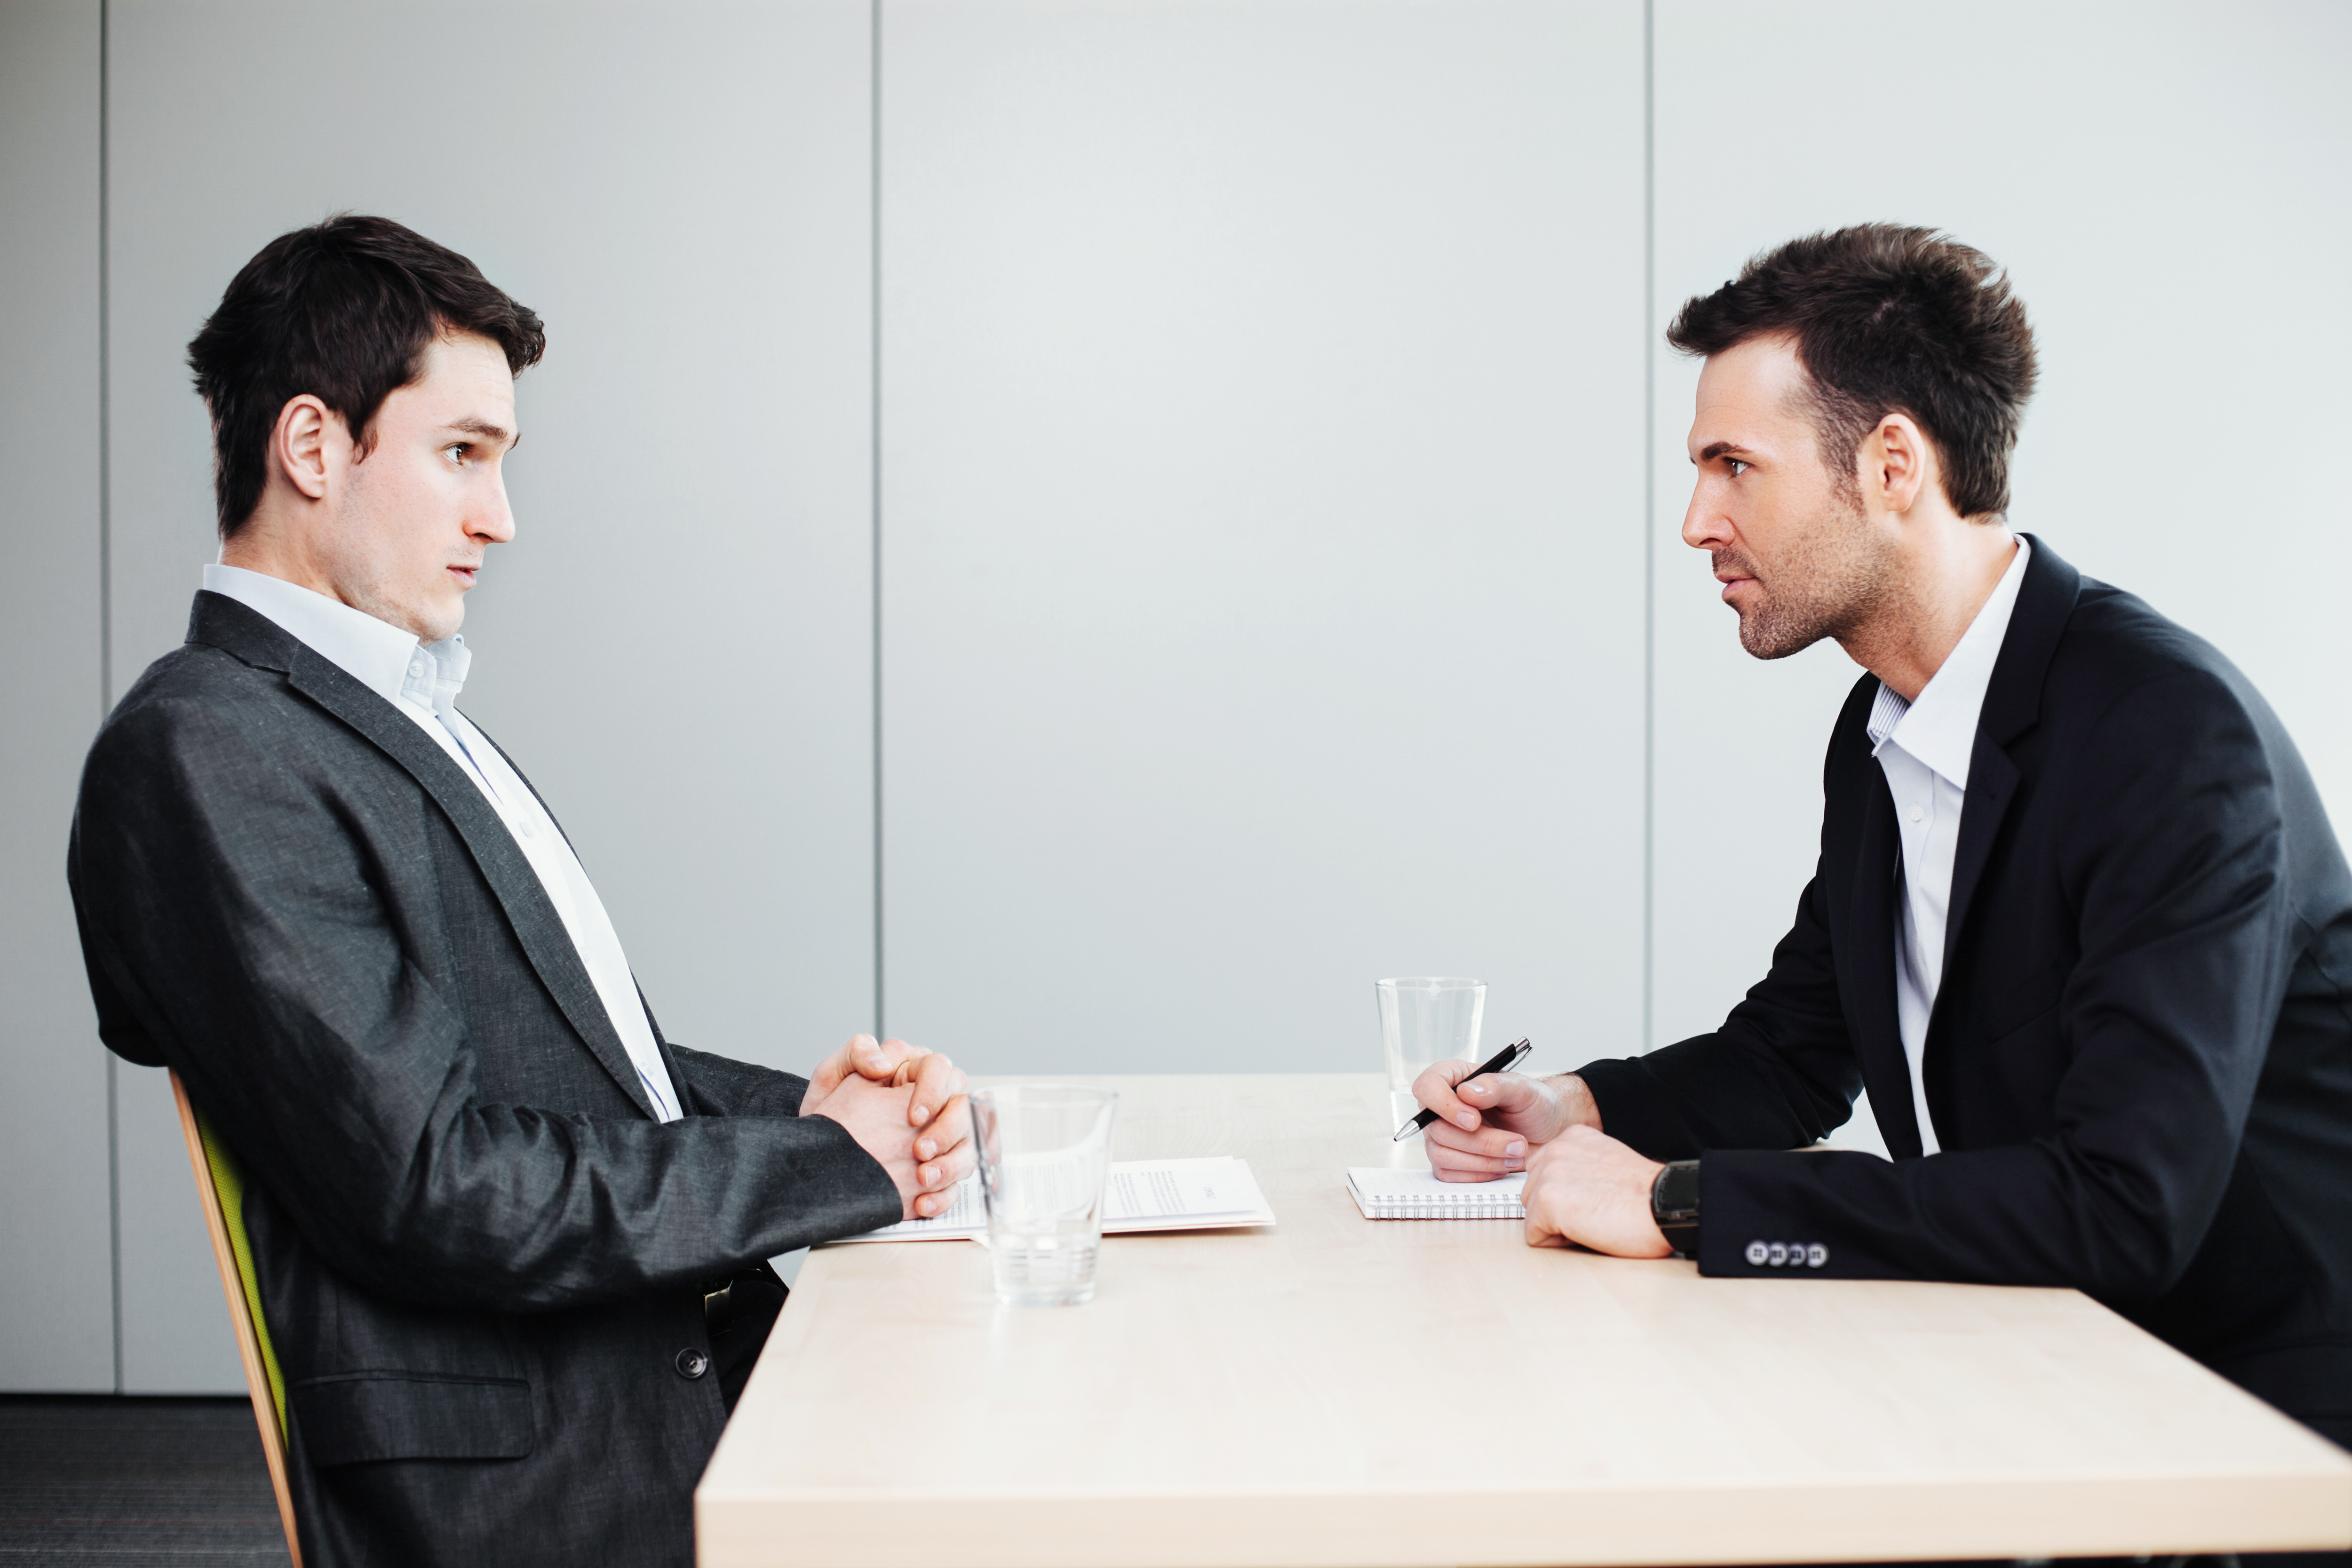 ¿Cómo Debe ser la Actitud de un Reclutador en una Entrevista?